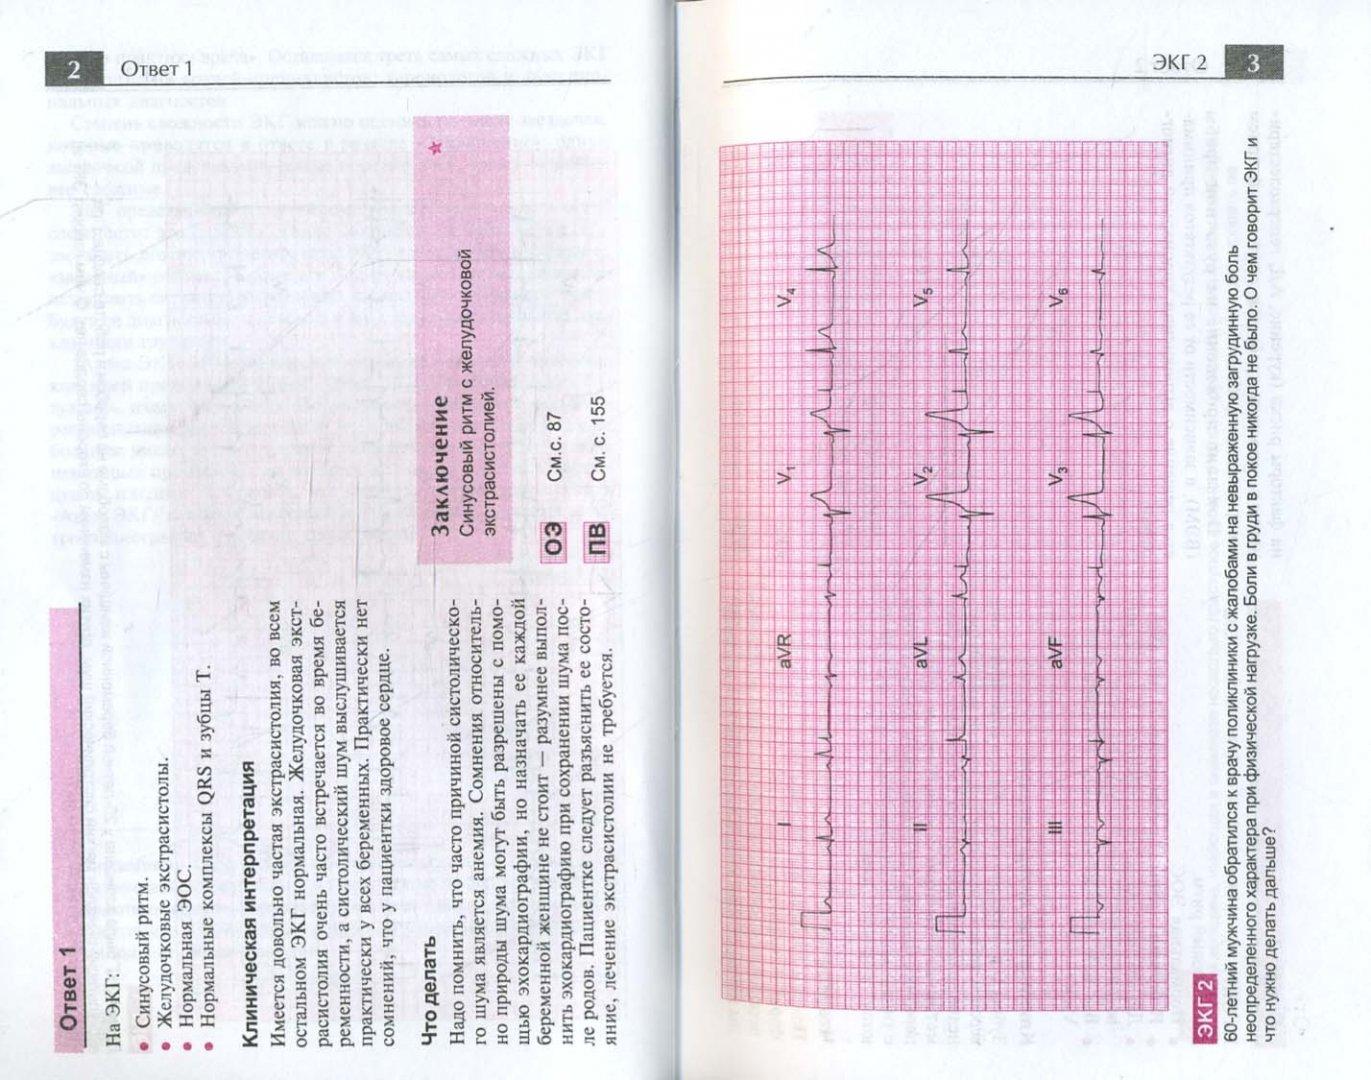 Иллюстрация 1 из 45 для Атлас ЭКГ. 150 клинических ситуаций - Джон Хэмптон | Лабиринт - книги. Источник: Лабиринт